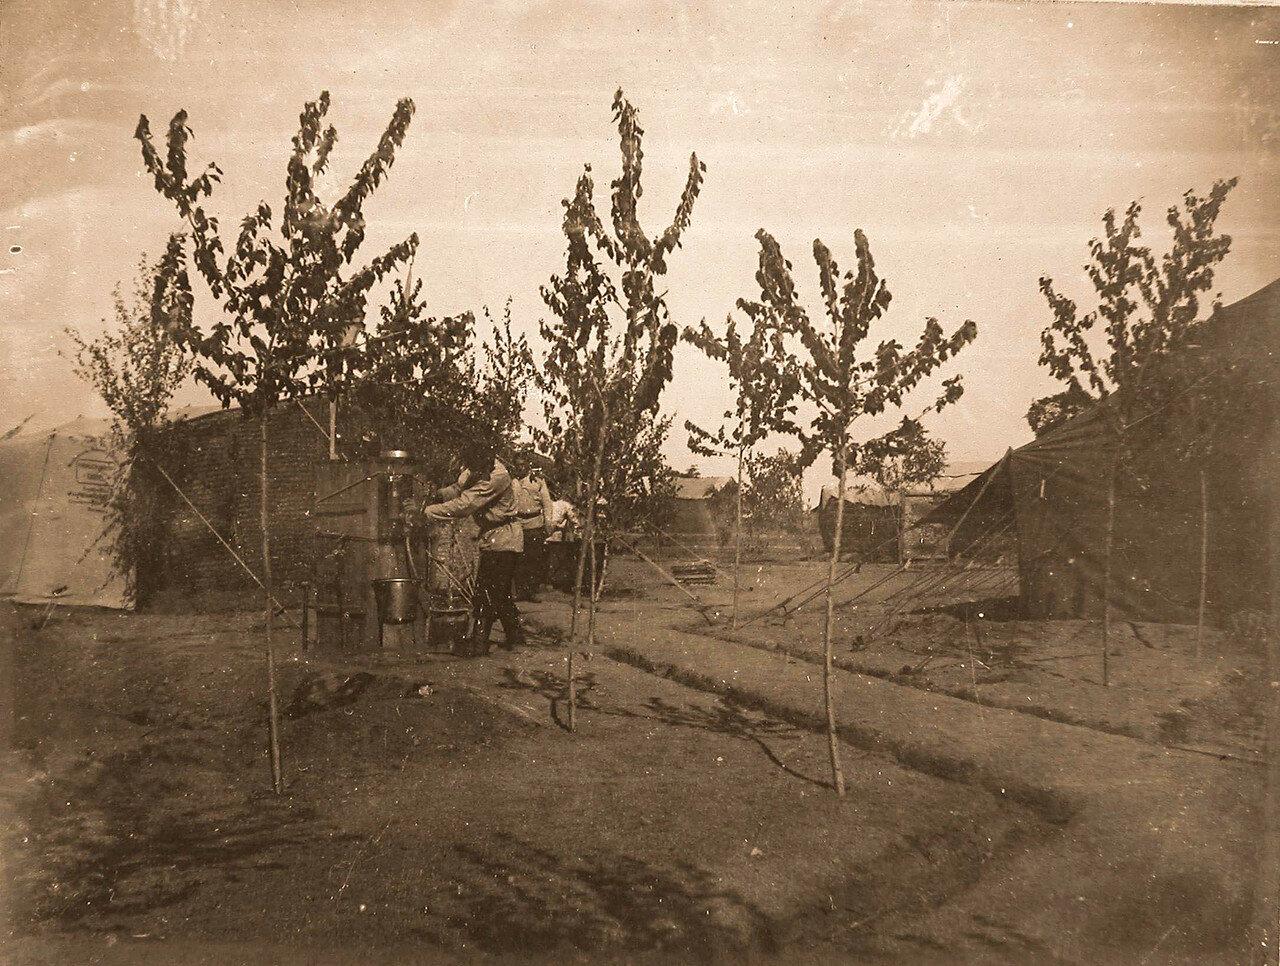 16. Нижние чины у палаток на территории лазарета